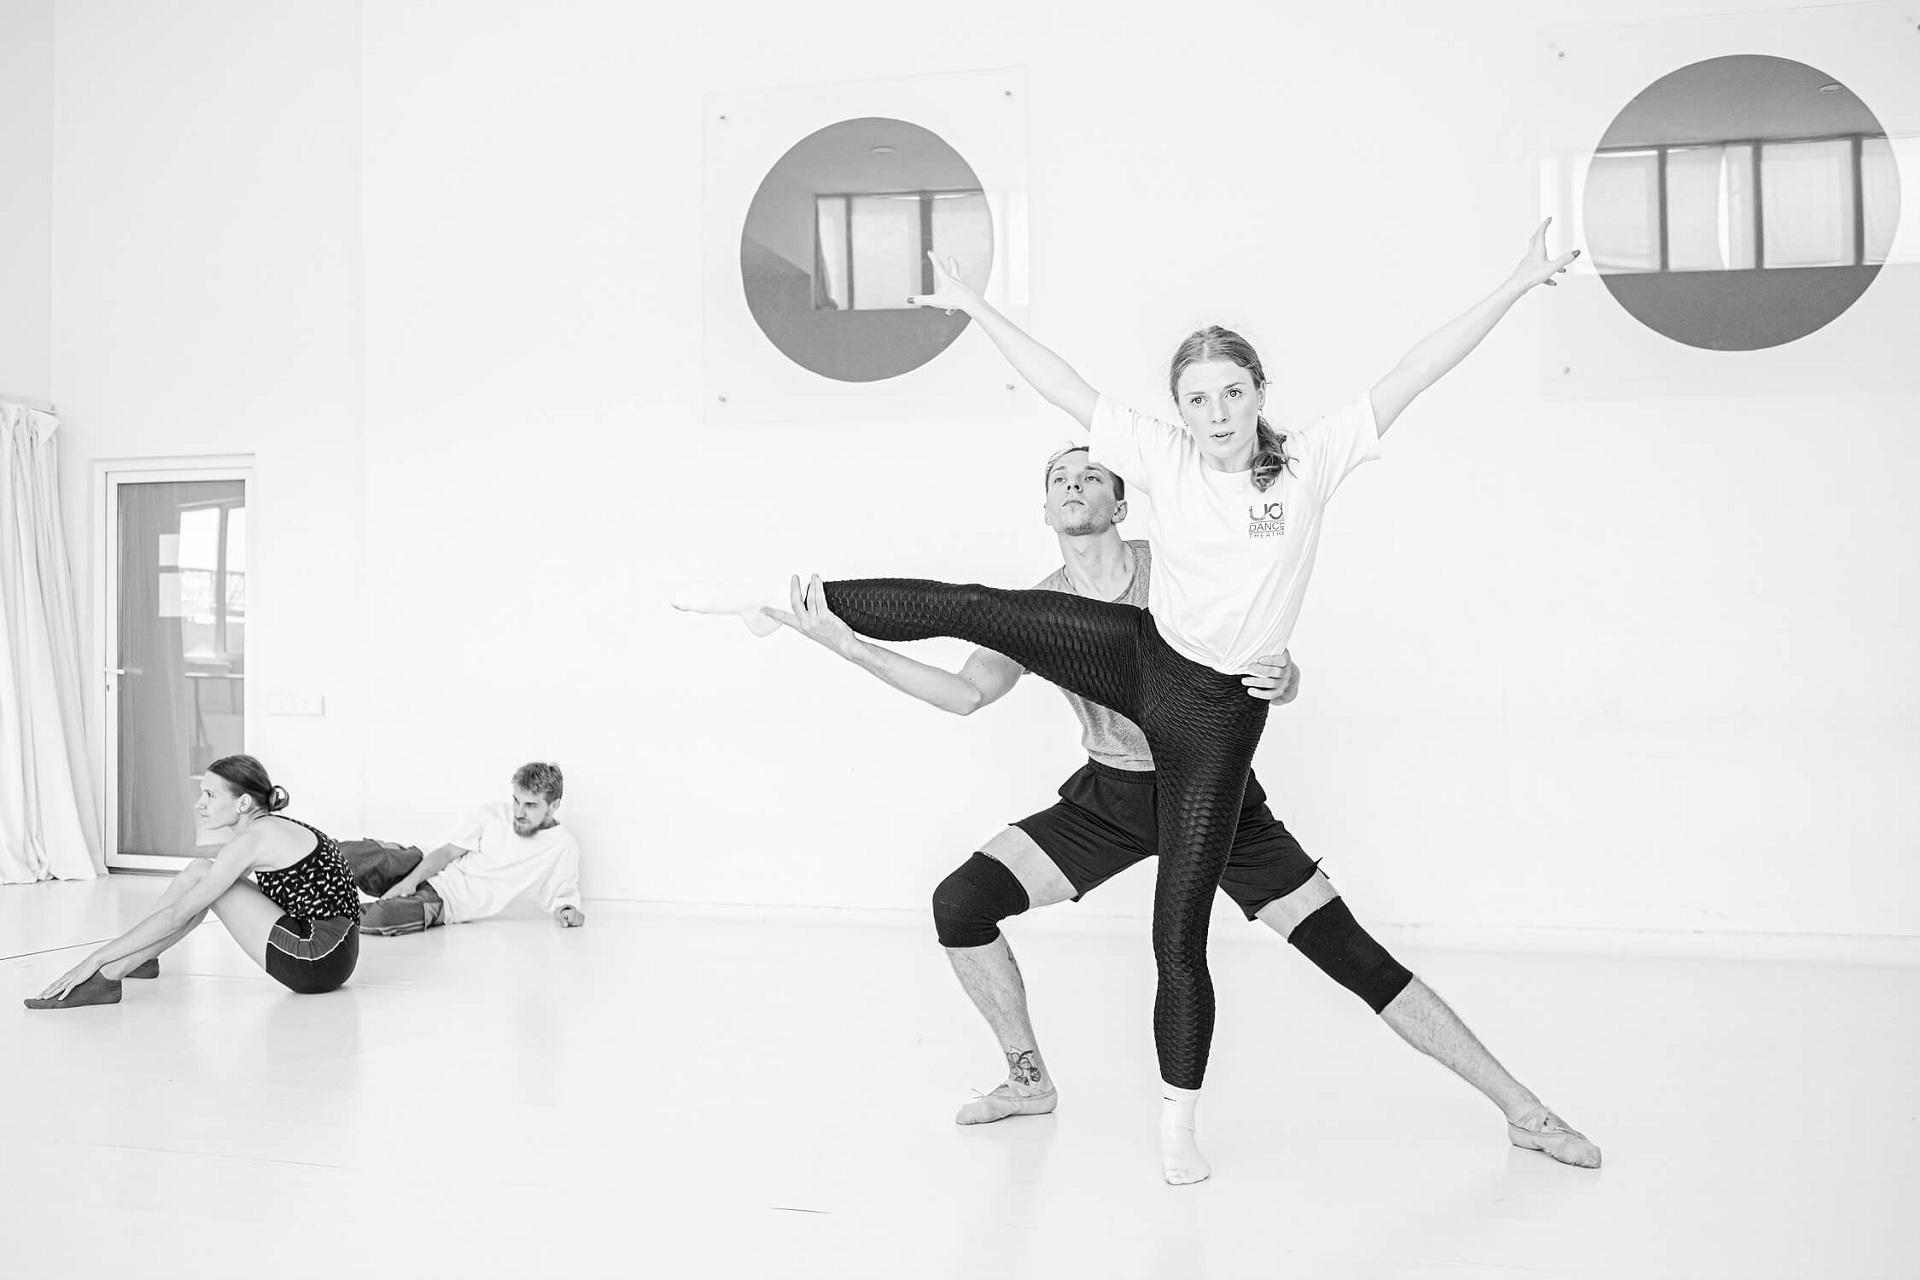 У Києві вперше покажуть танцювальну виставу ARKAN, у якій візьмуть участь і глядачі-Фото 1